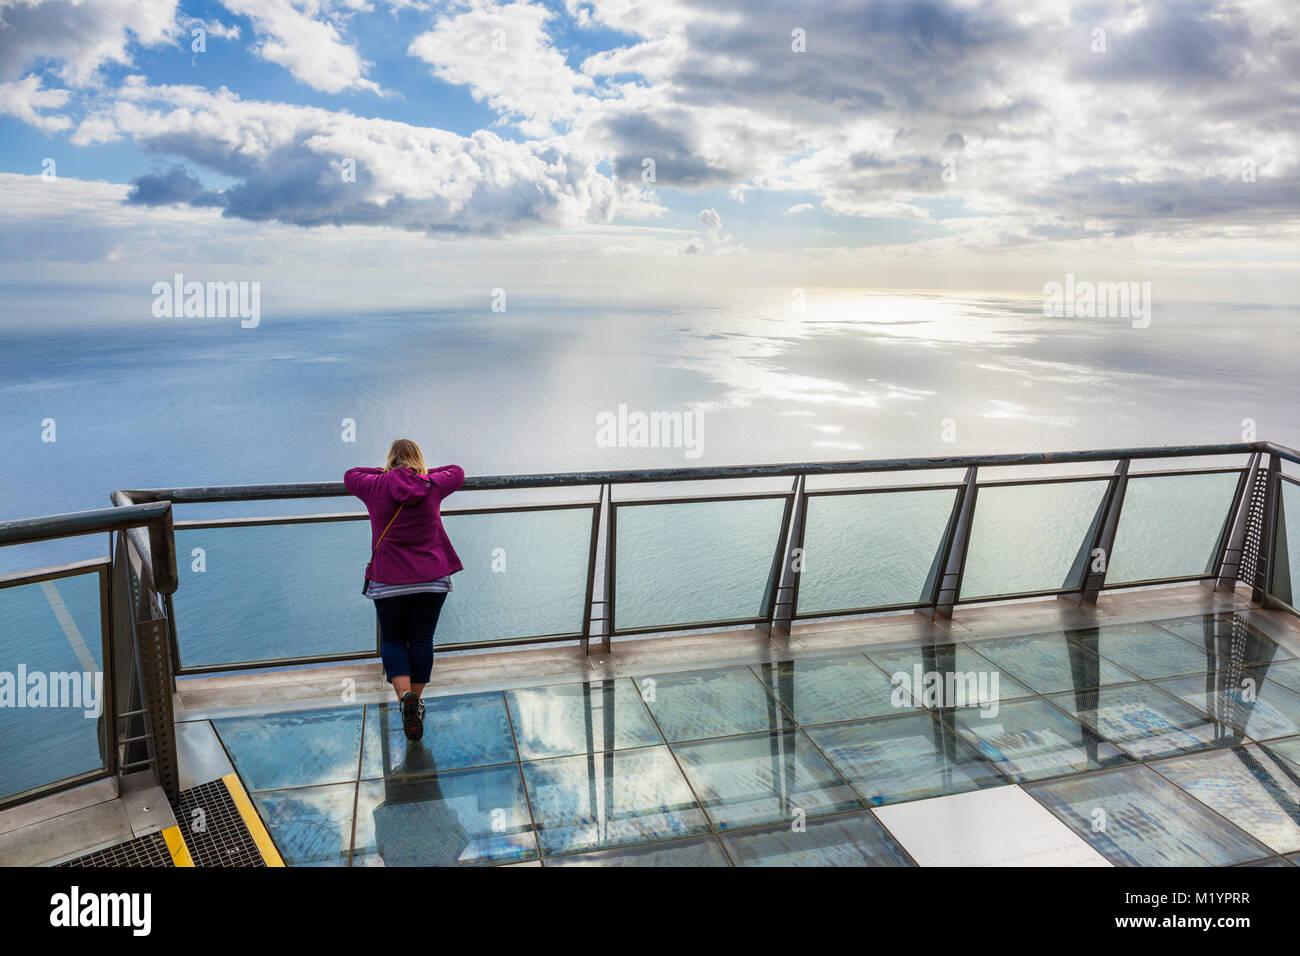 Cabo Girao Madeira Portugal Madeira turística sobre plataforma de visualización de cristal al Cabo Girao Imagen De Stock